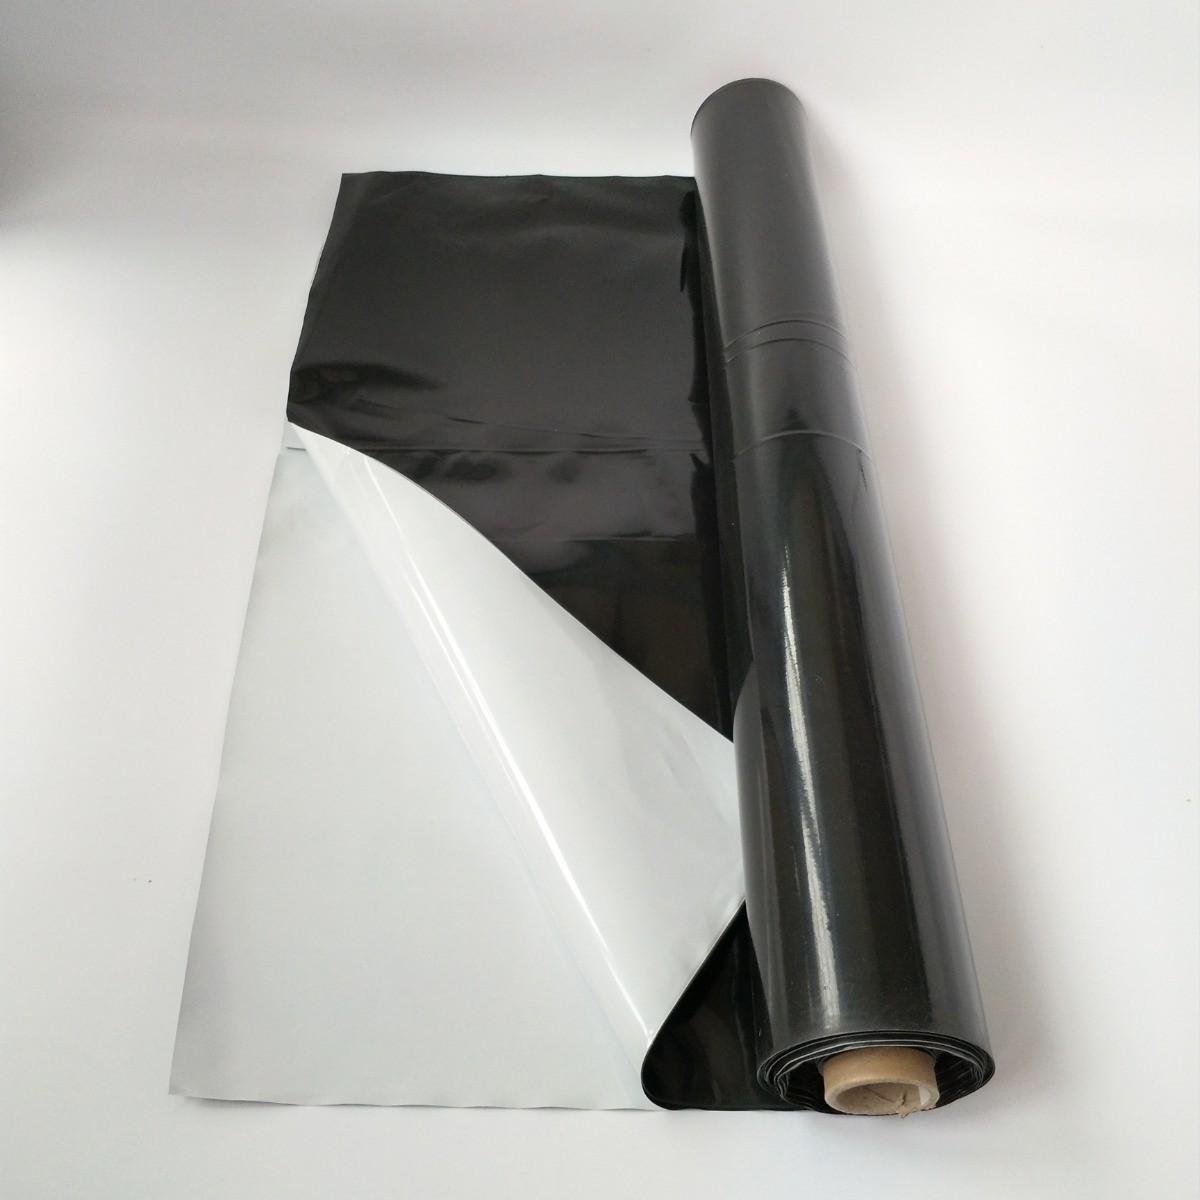 Lona Silagem Nortene Branca/Preta 72kg - 6x79m